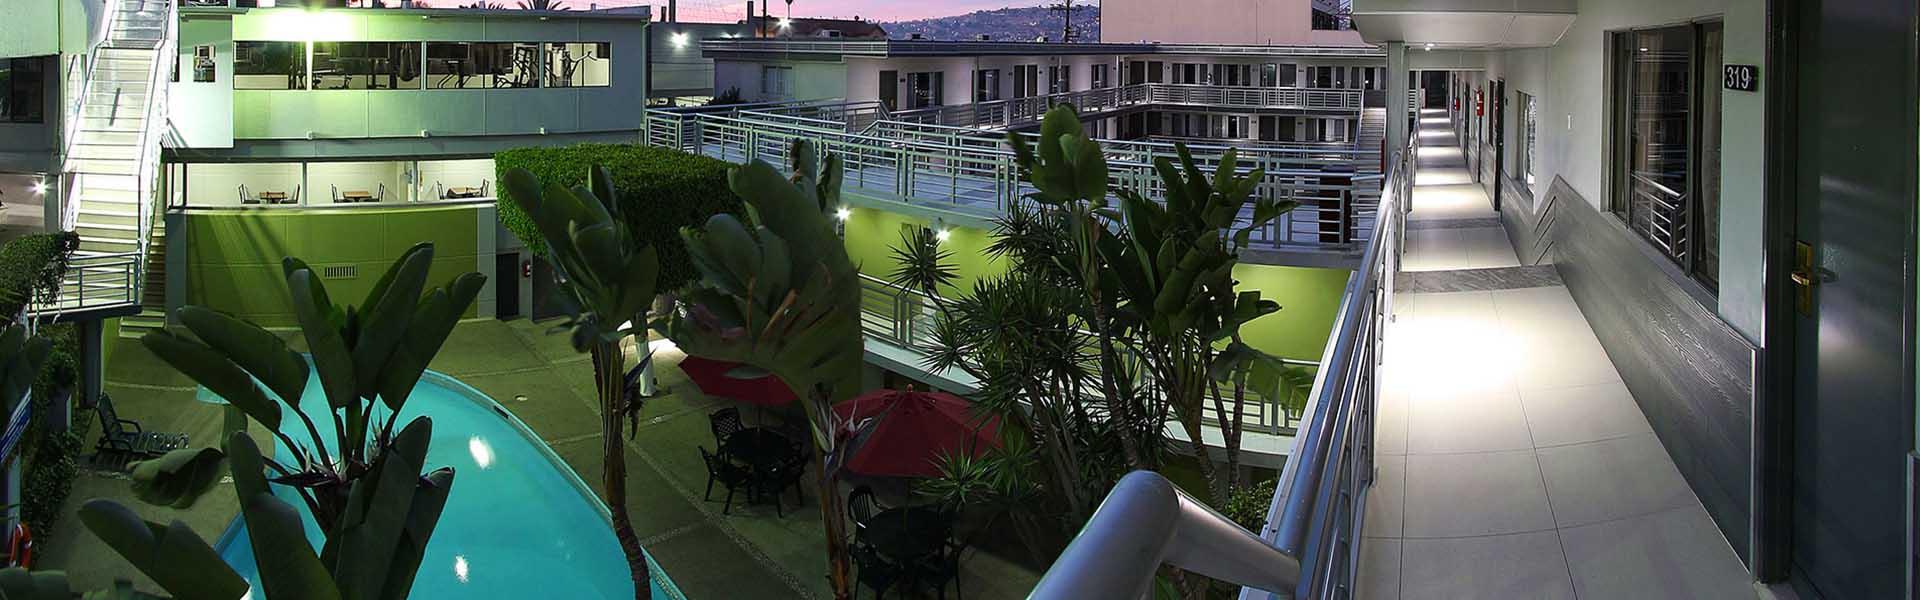 hotel-la-mesa-tijuana